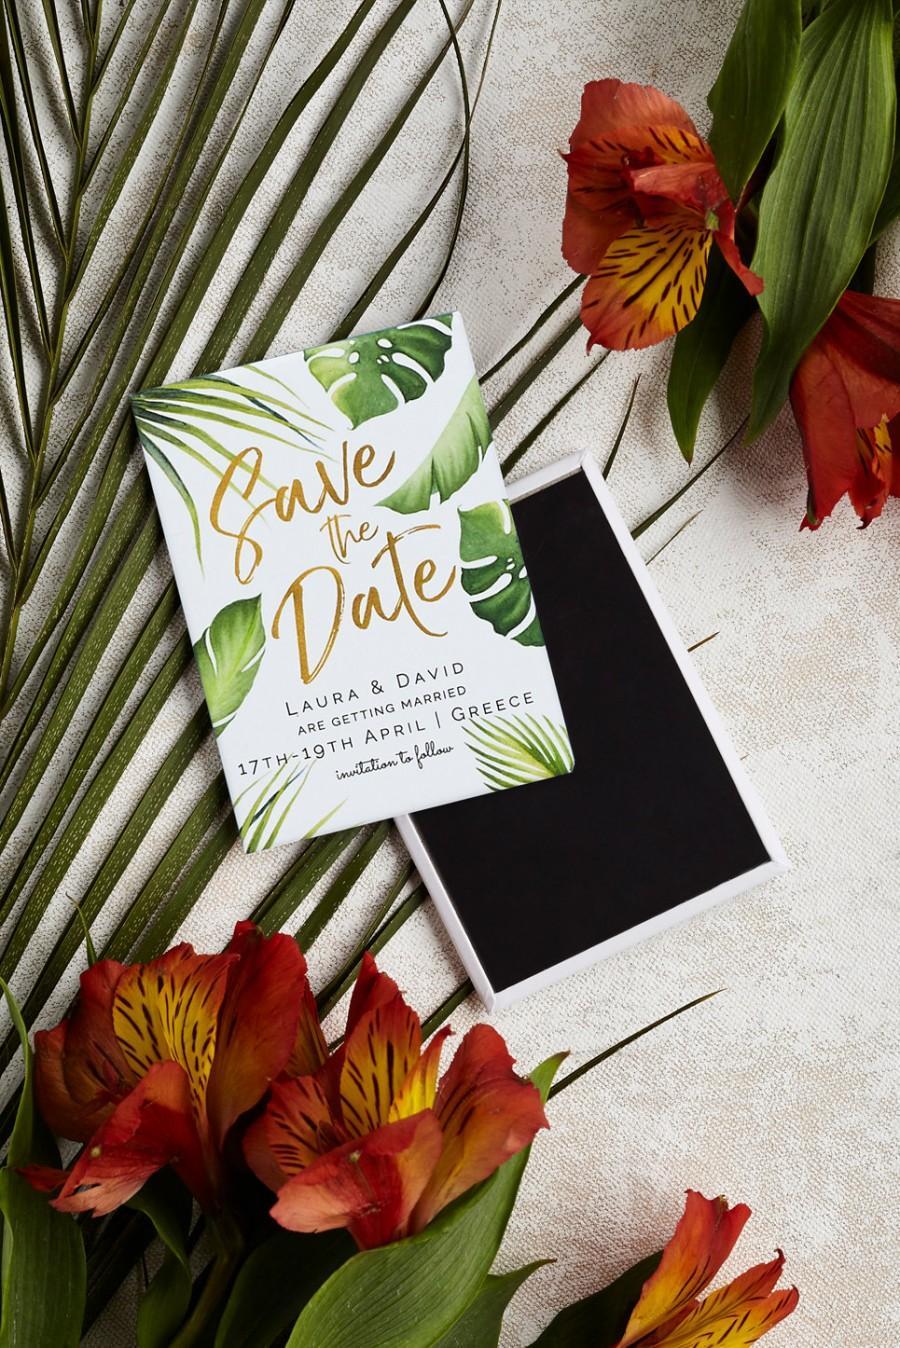 زفاف - Destination Wedding Save the Date Magnet - Tropical Palm Leaves